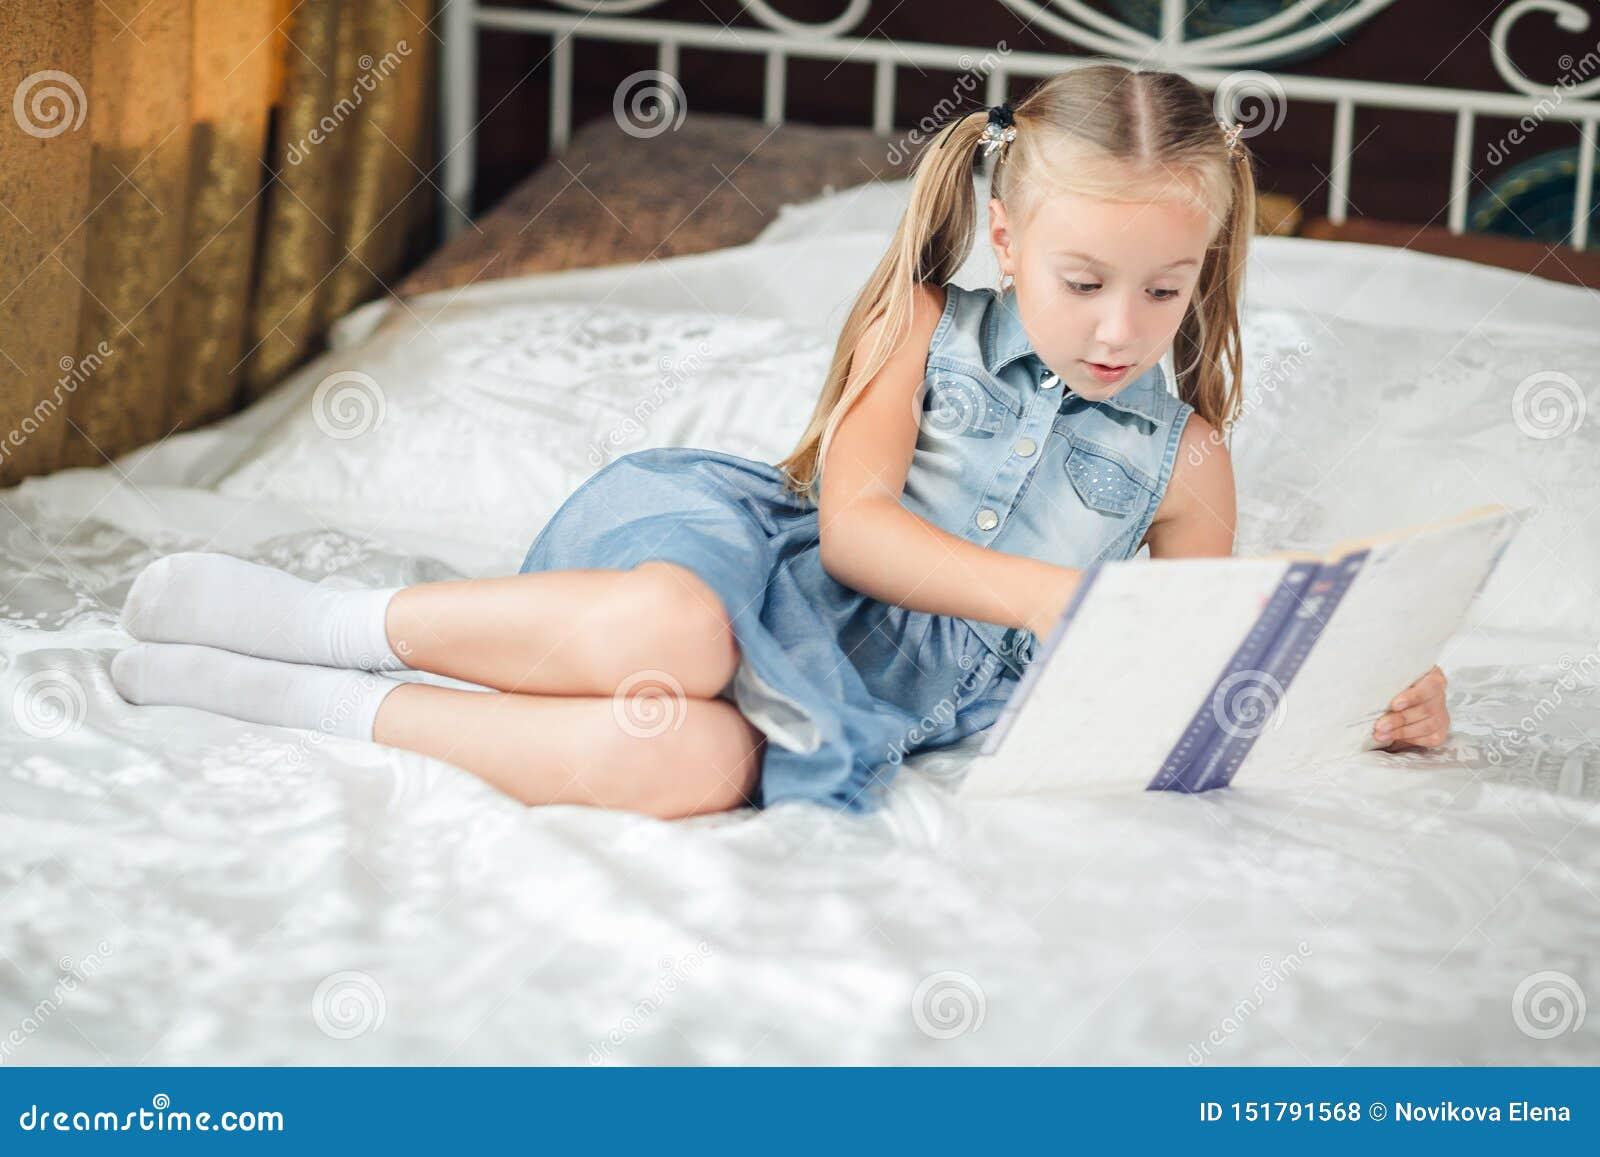 牛仔布sundress看书的逗人喜爱的女孩在床上在家